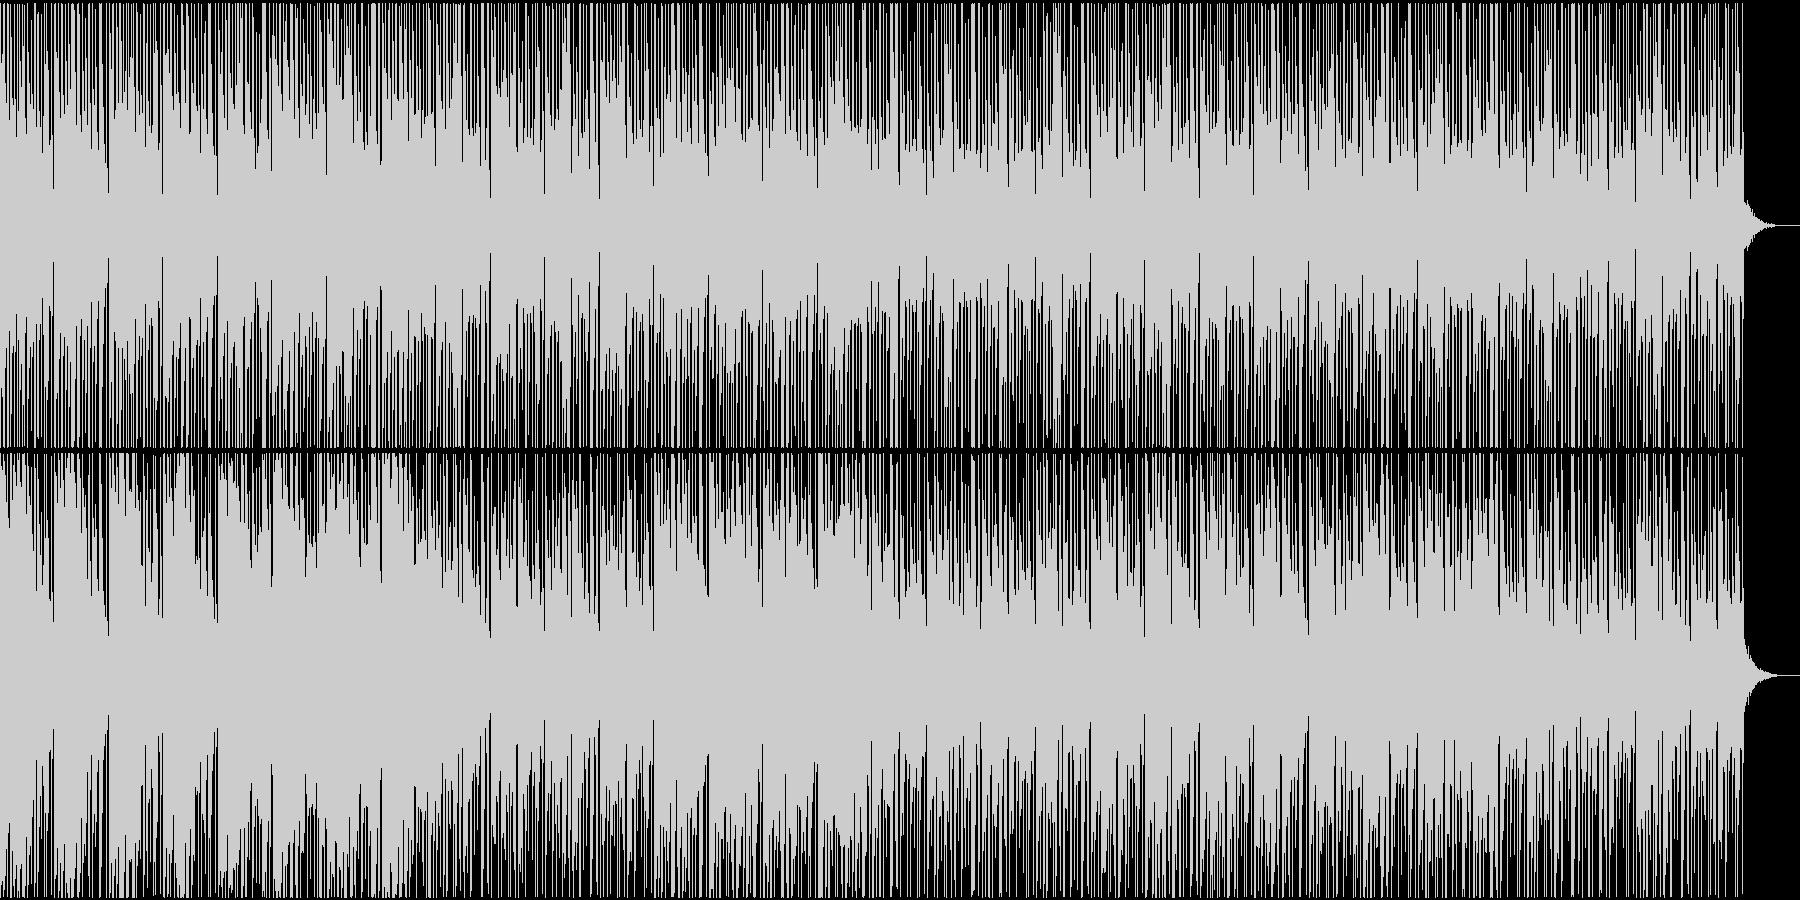 サスペンス・何かが起こるような曲の未再生の波形